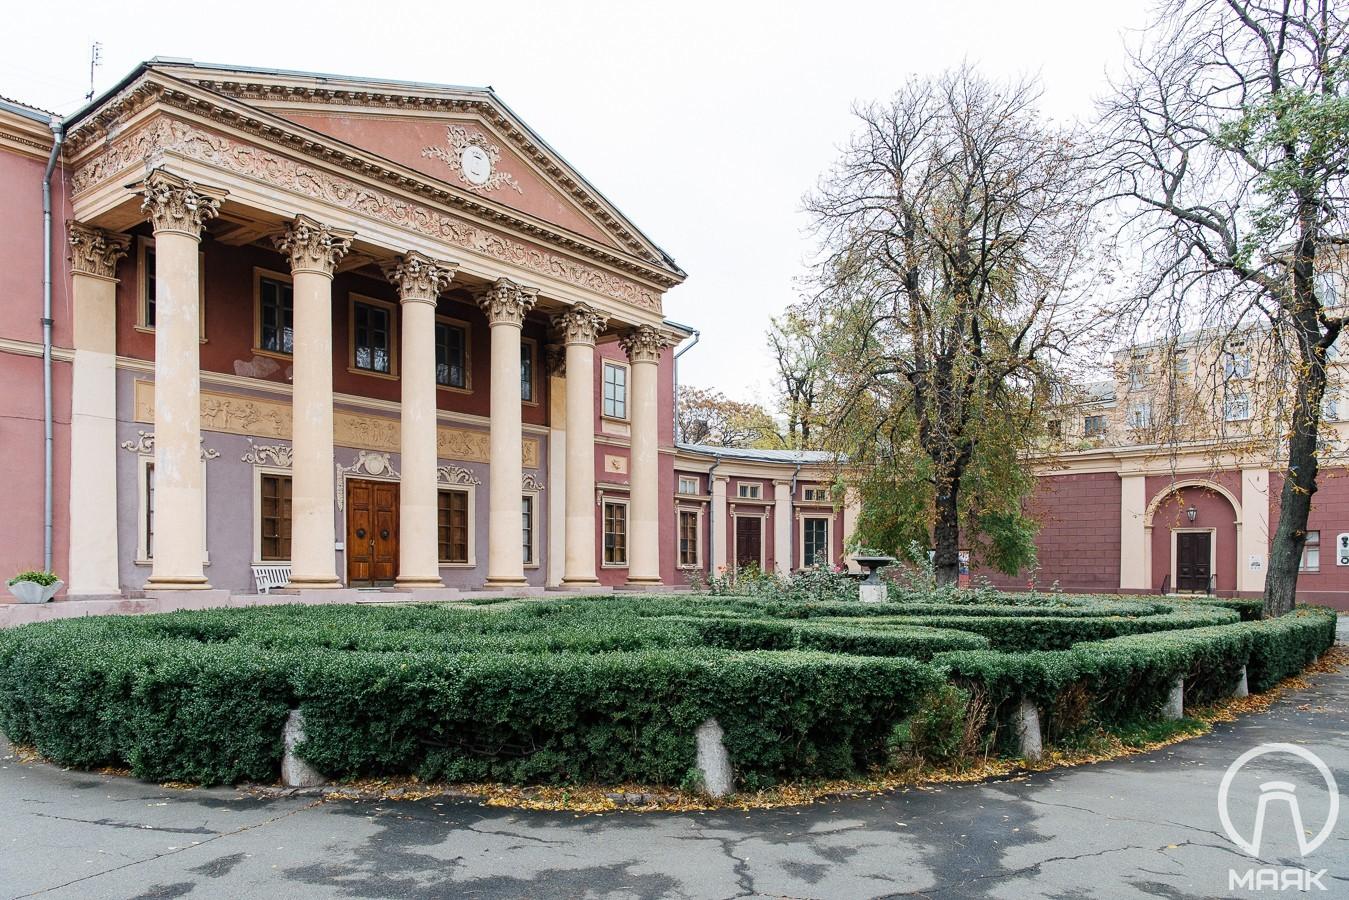 В Одесском художественном музее нашли деньги на ремонт и ввели день бесплатных посещений